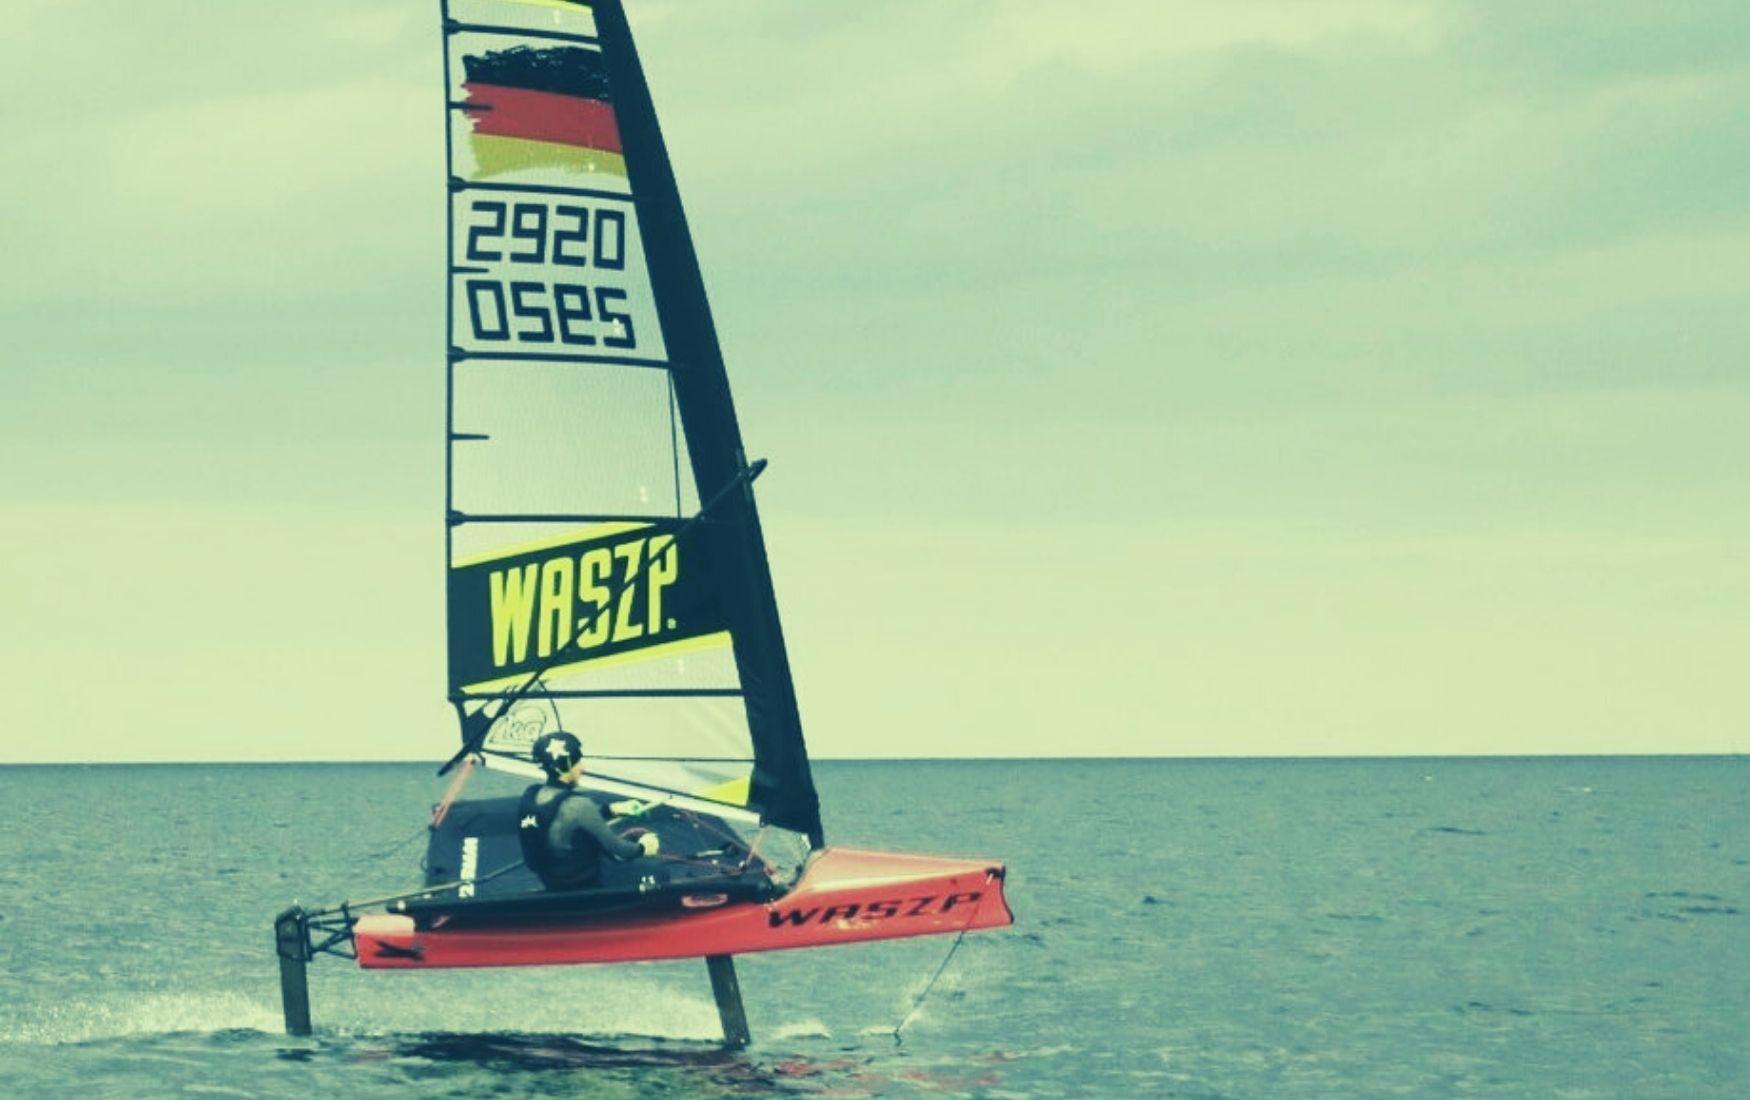 EuroCup Germany - Kiel Week